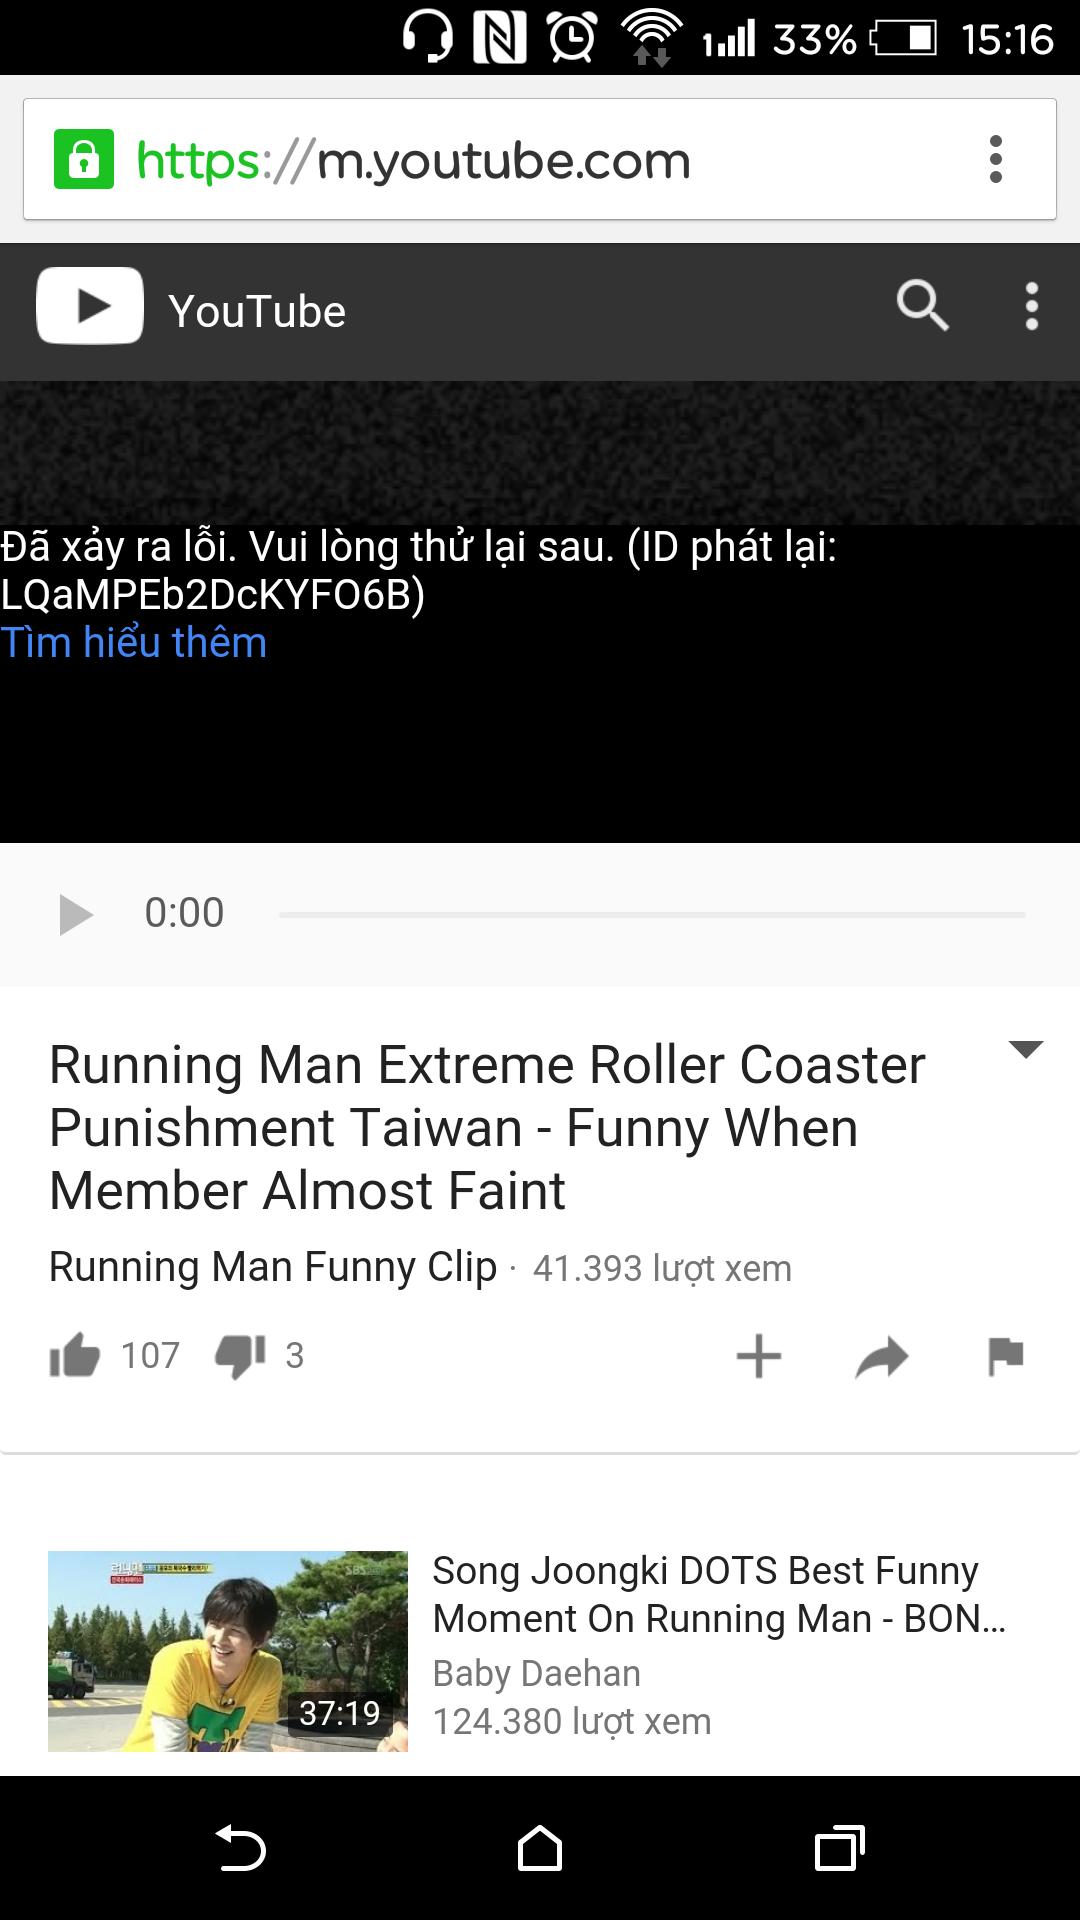 2 ngày nay đt e nó cứ không cho coi clip trên f - Thegioididong com